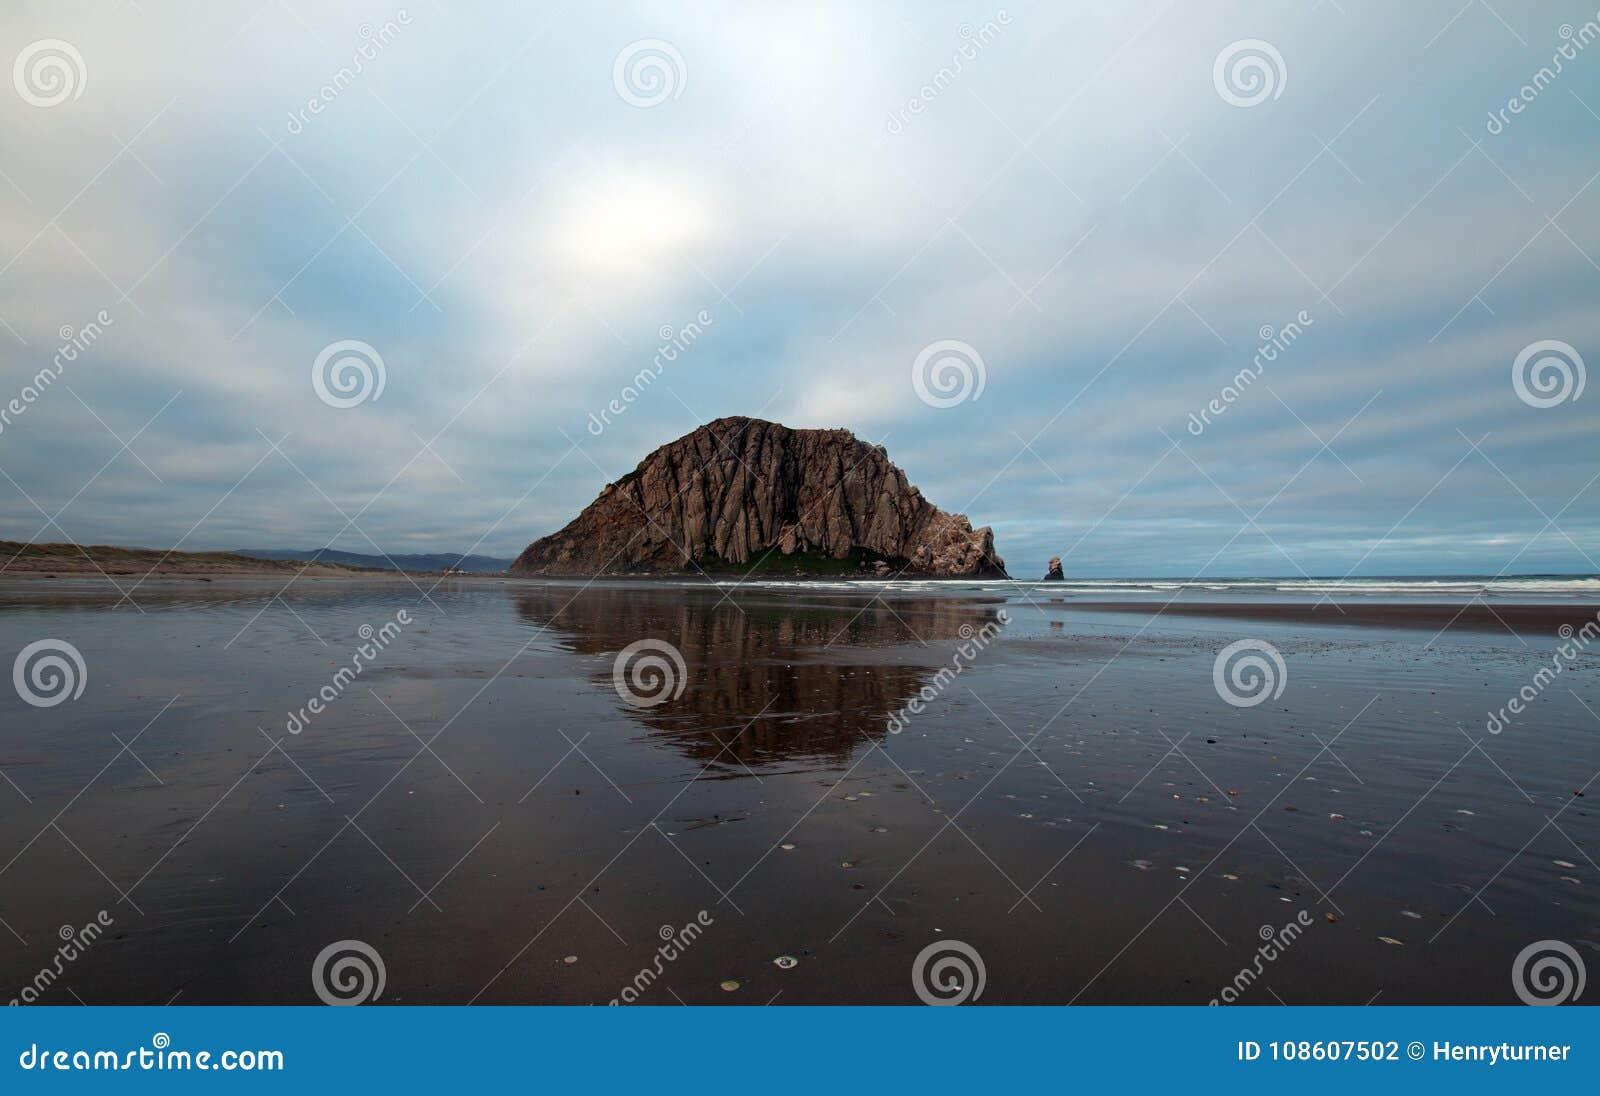 Morro-Felsen am frühen Morgen am Morro-Bucht-Nationalpark auf der zentralen Kalifornien-Küste USA